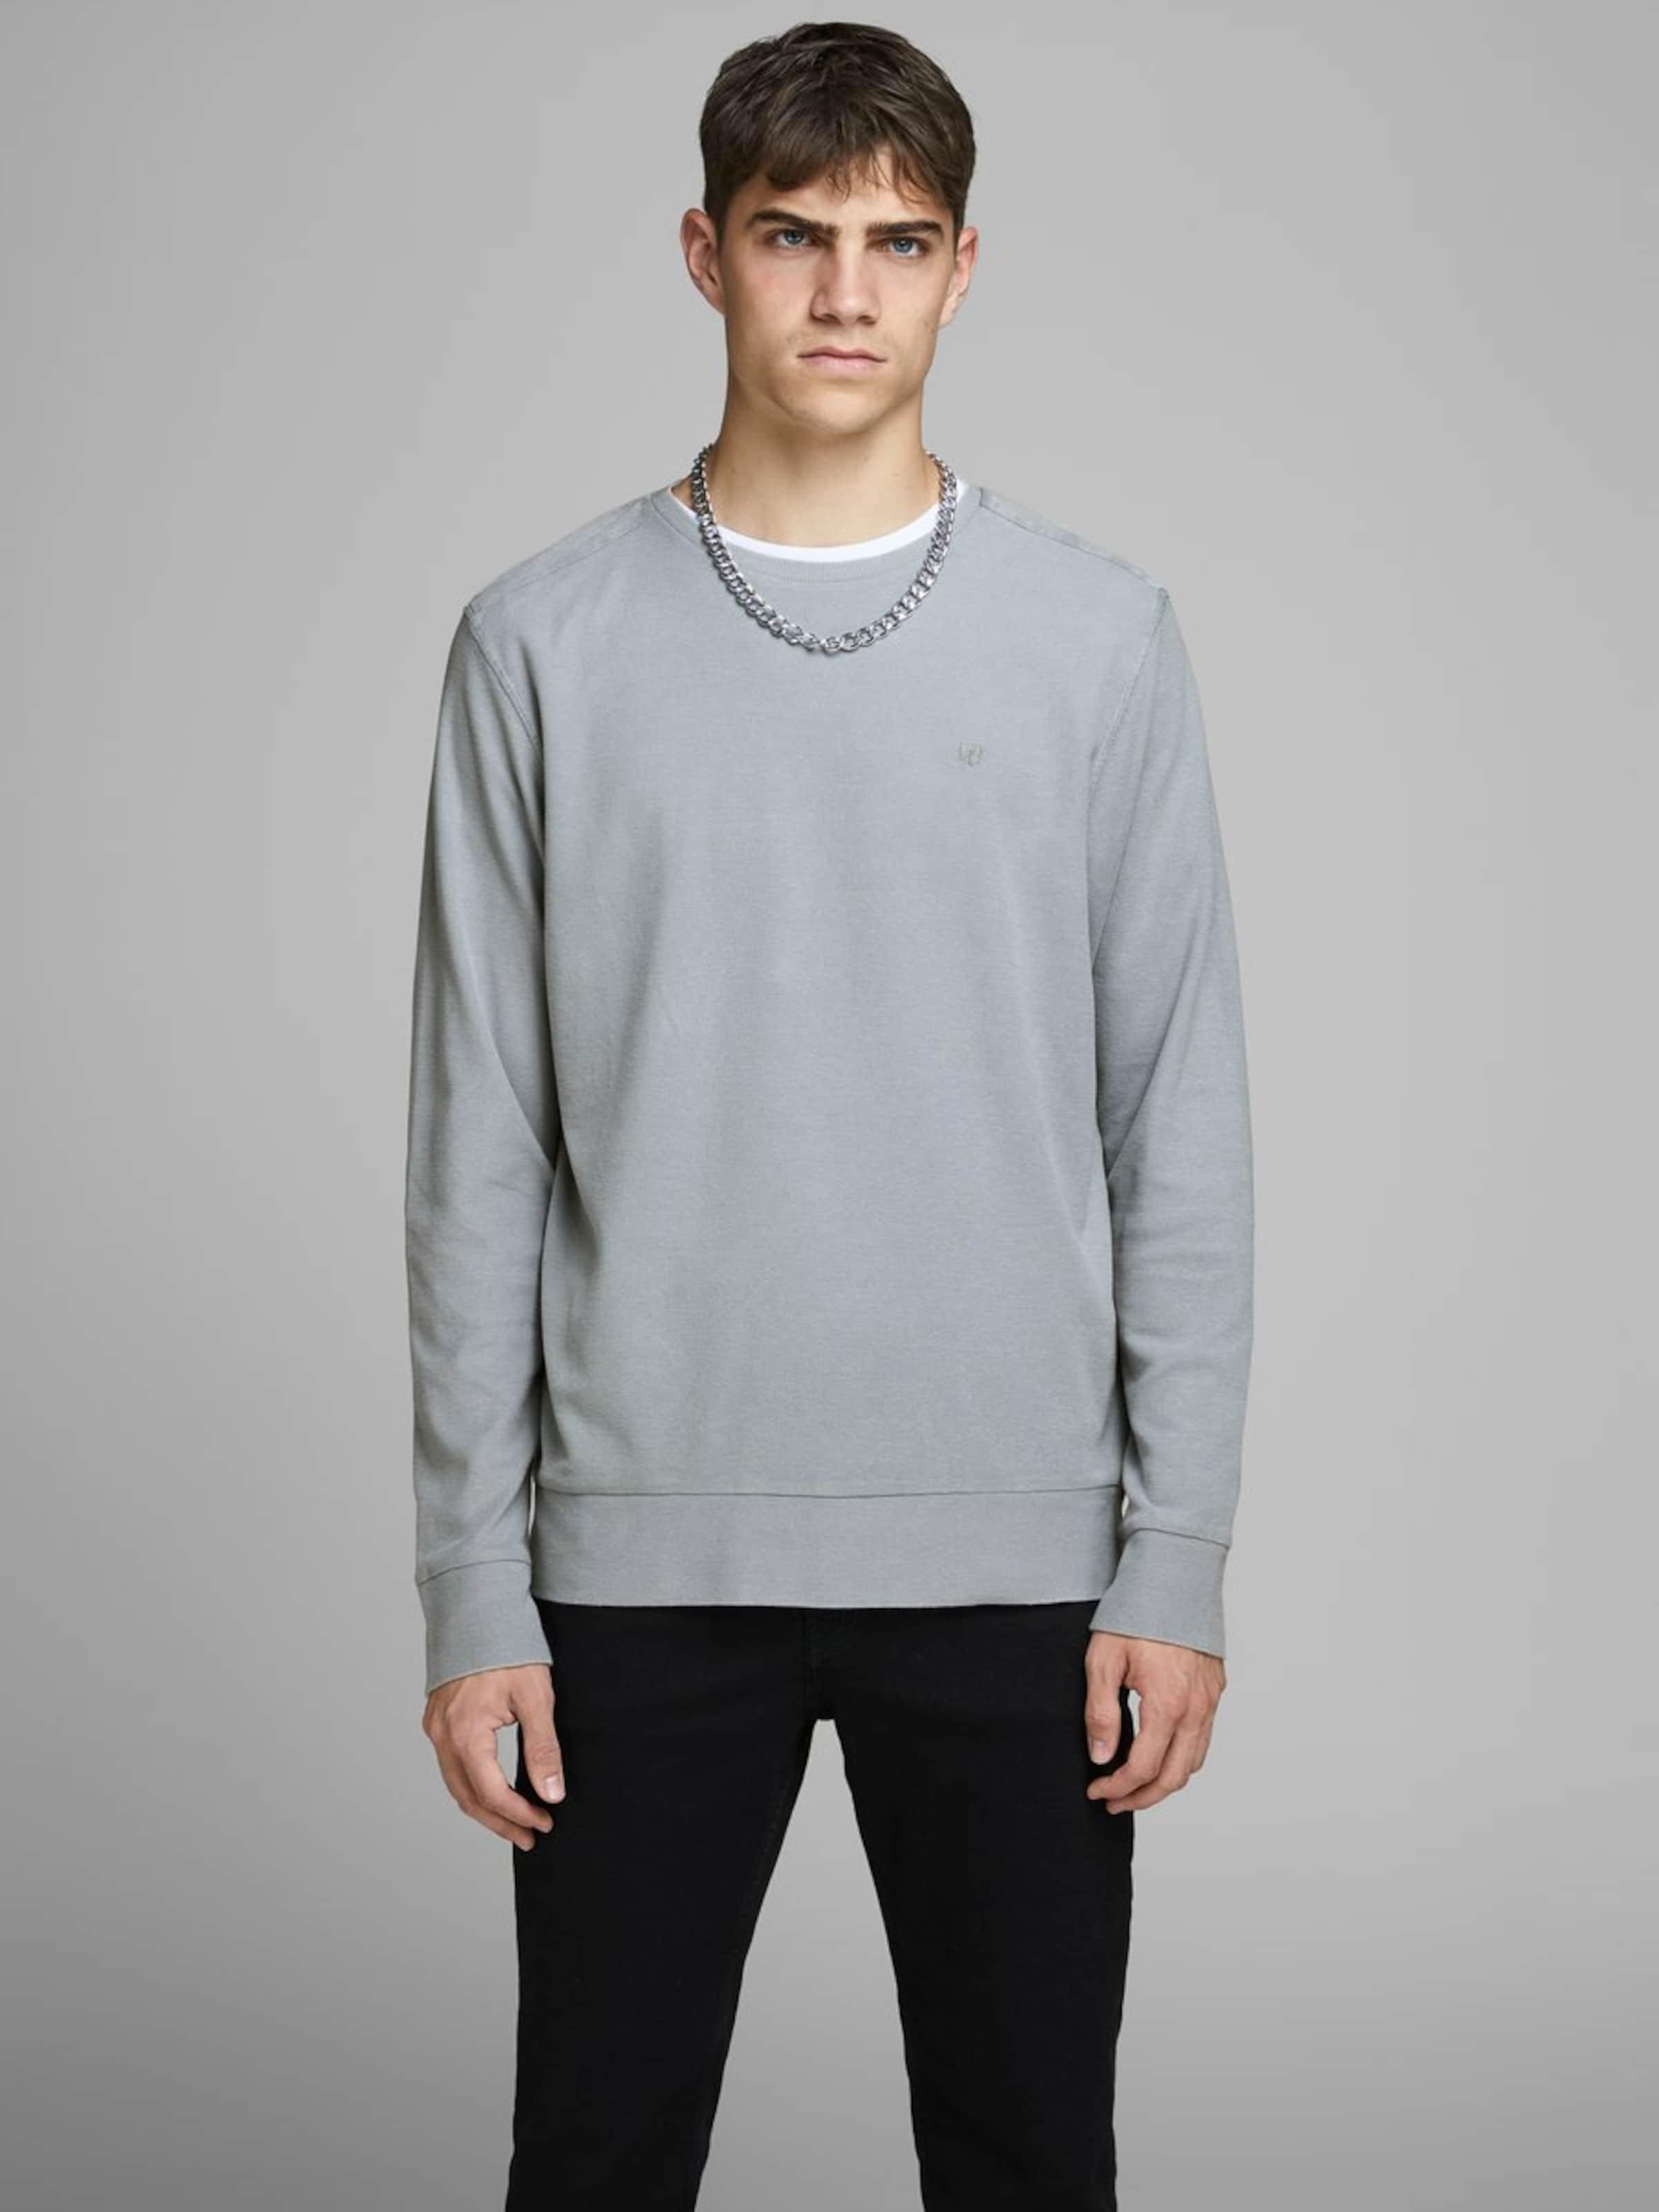 Jackamp; Hellgrau In In Sweatshirt In Jones Jones Hellgrau Jackamp; Jackamp; Sweatshirt Sweatshirt Jones SpVUMqz